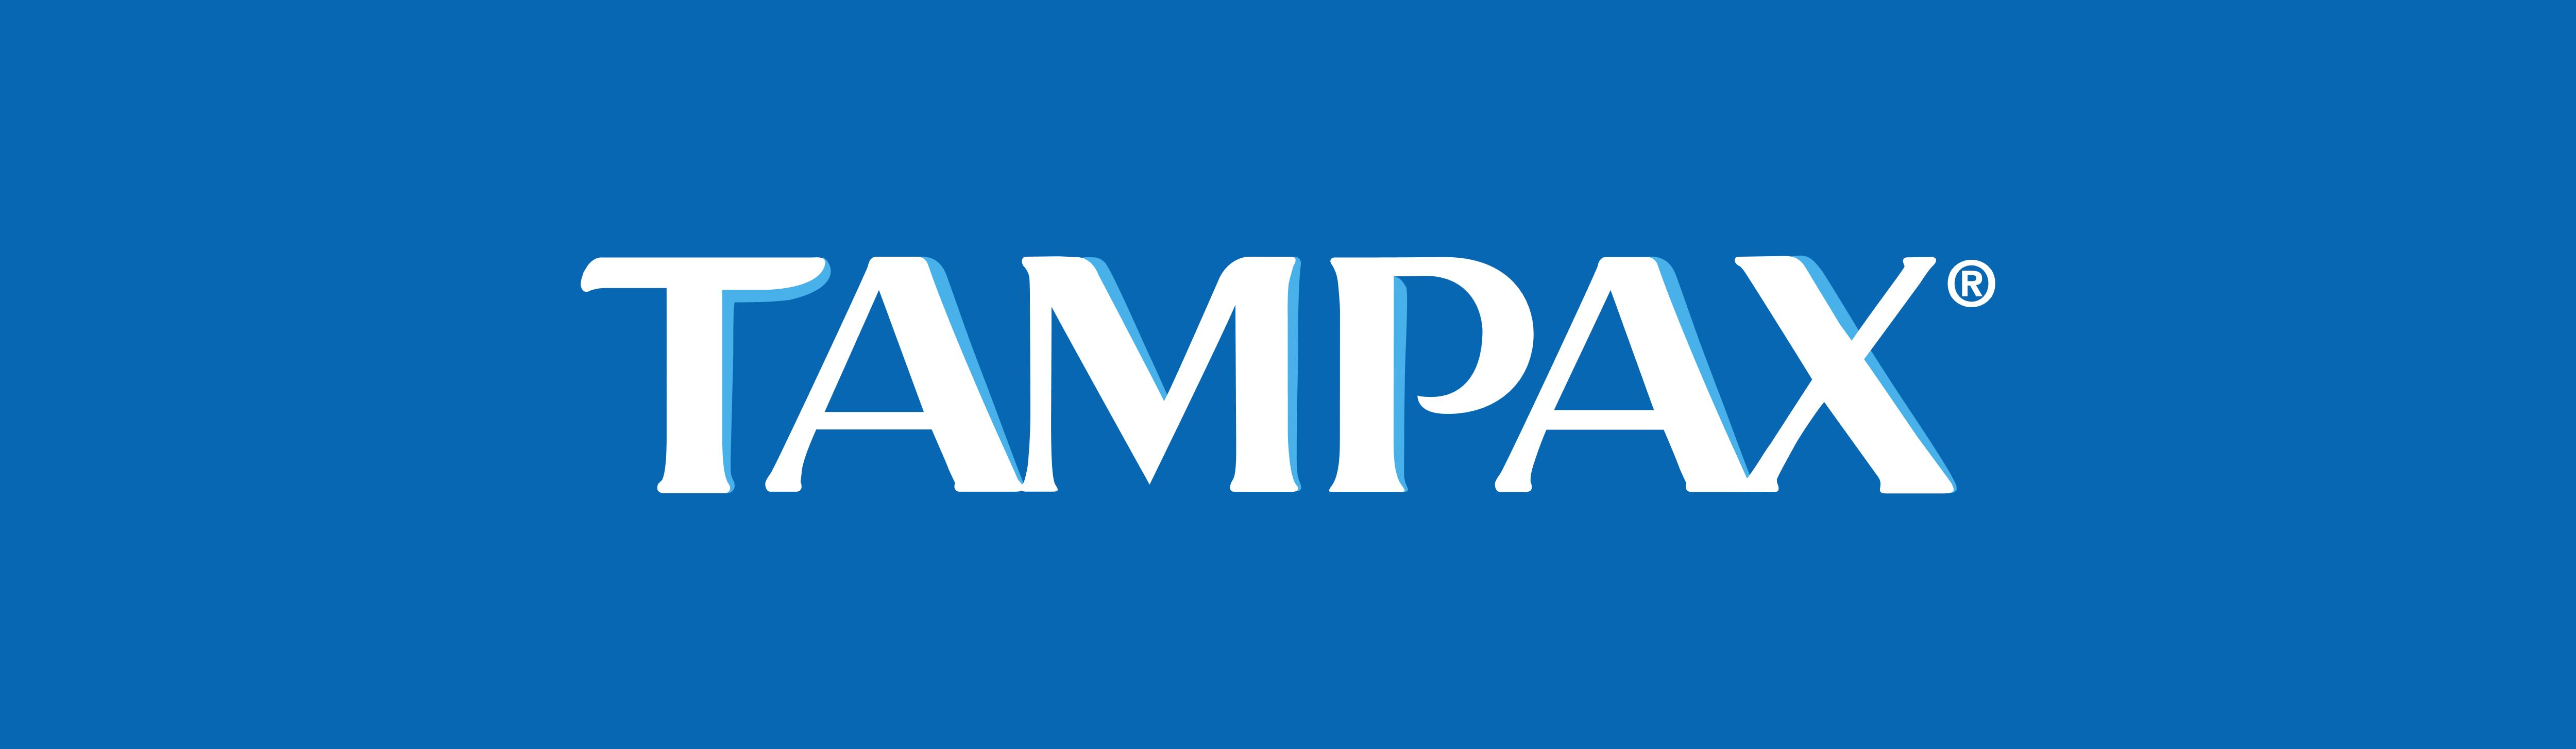 Tampax Logos Download